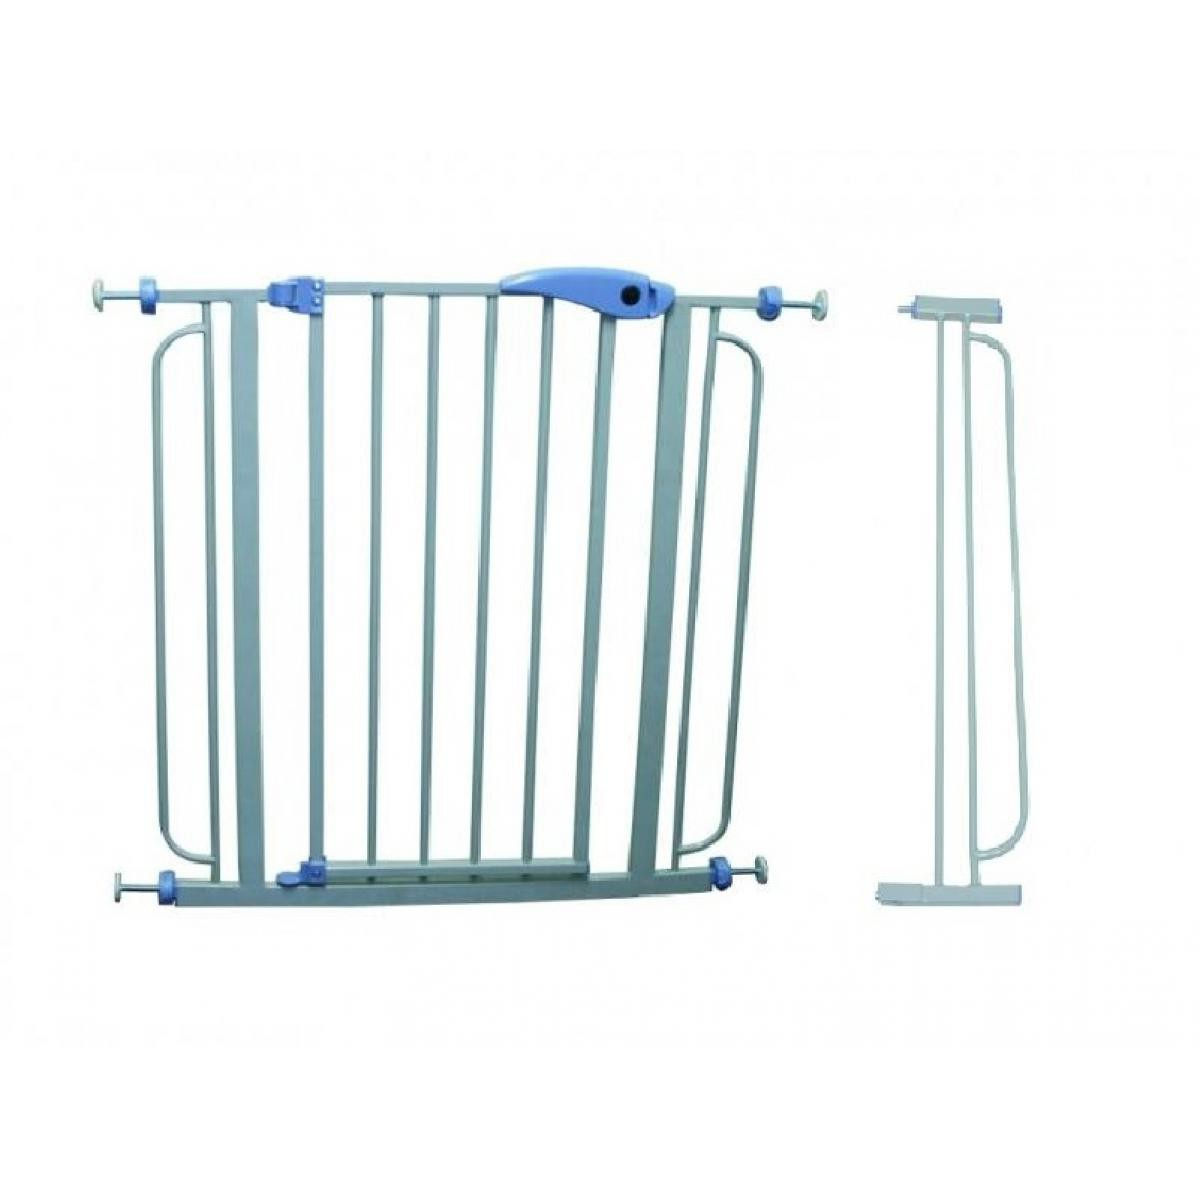 Bcelec 5664-1093 Barrière de sécurité extensible de 76 à 107 cm, avec rallonge fournie